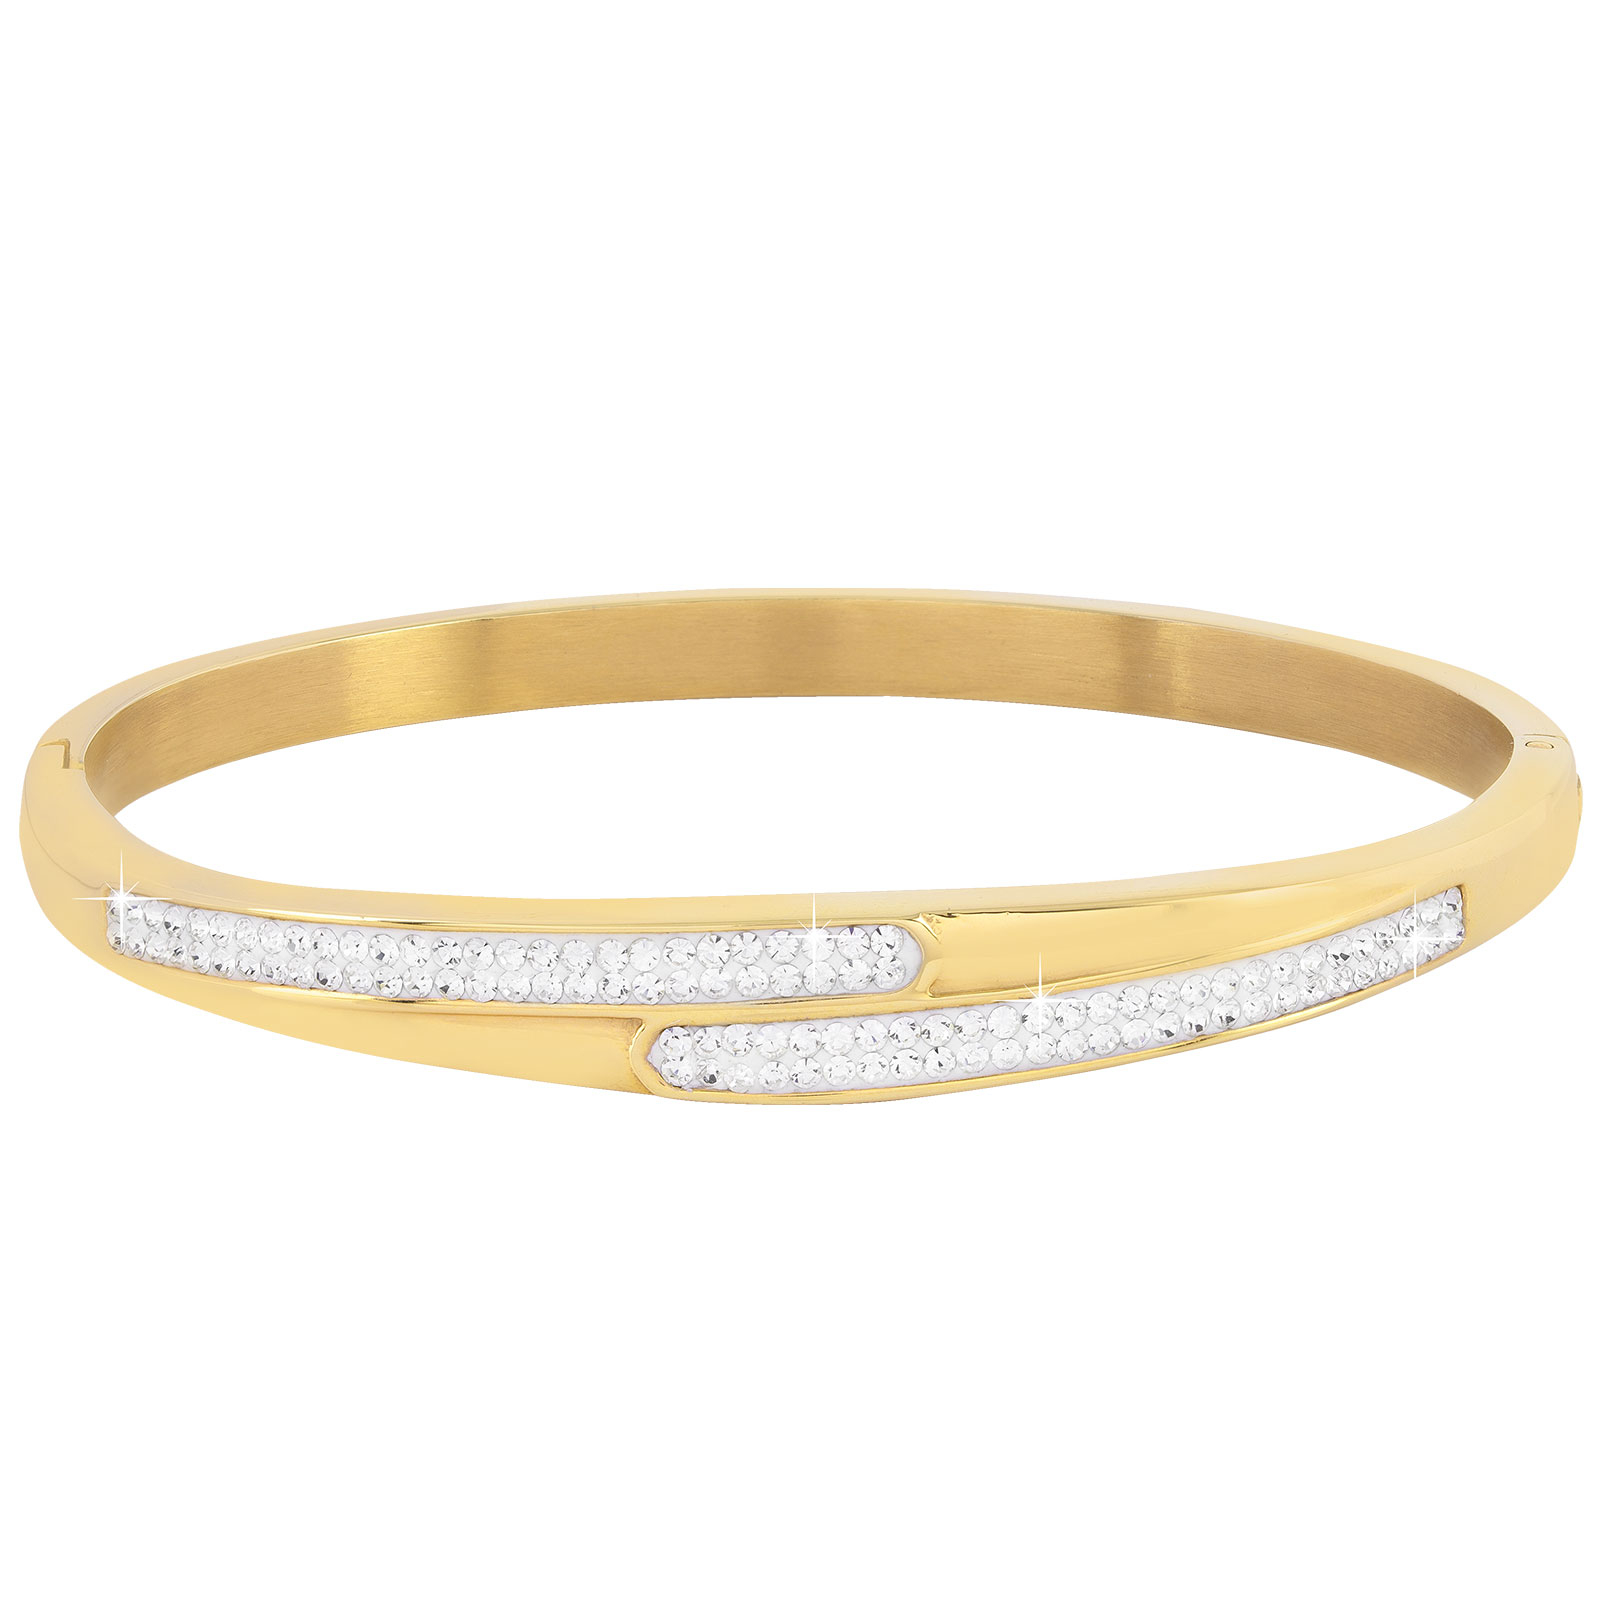 Armband stål, guldfärgad bangle med vita stenar